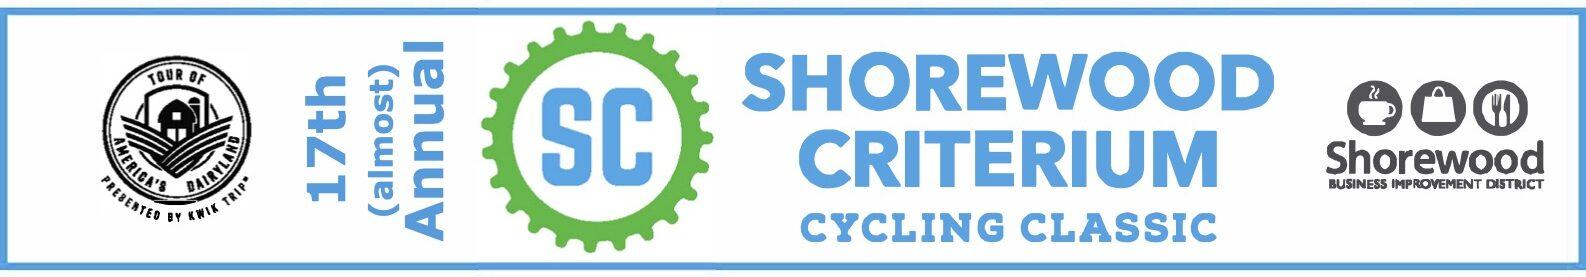 Shorewood 17th Annual Criterium